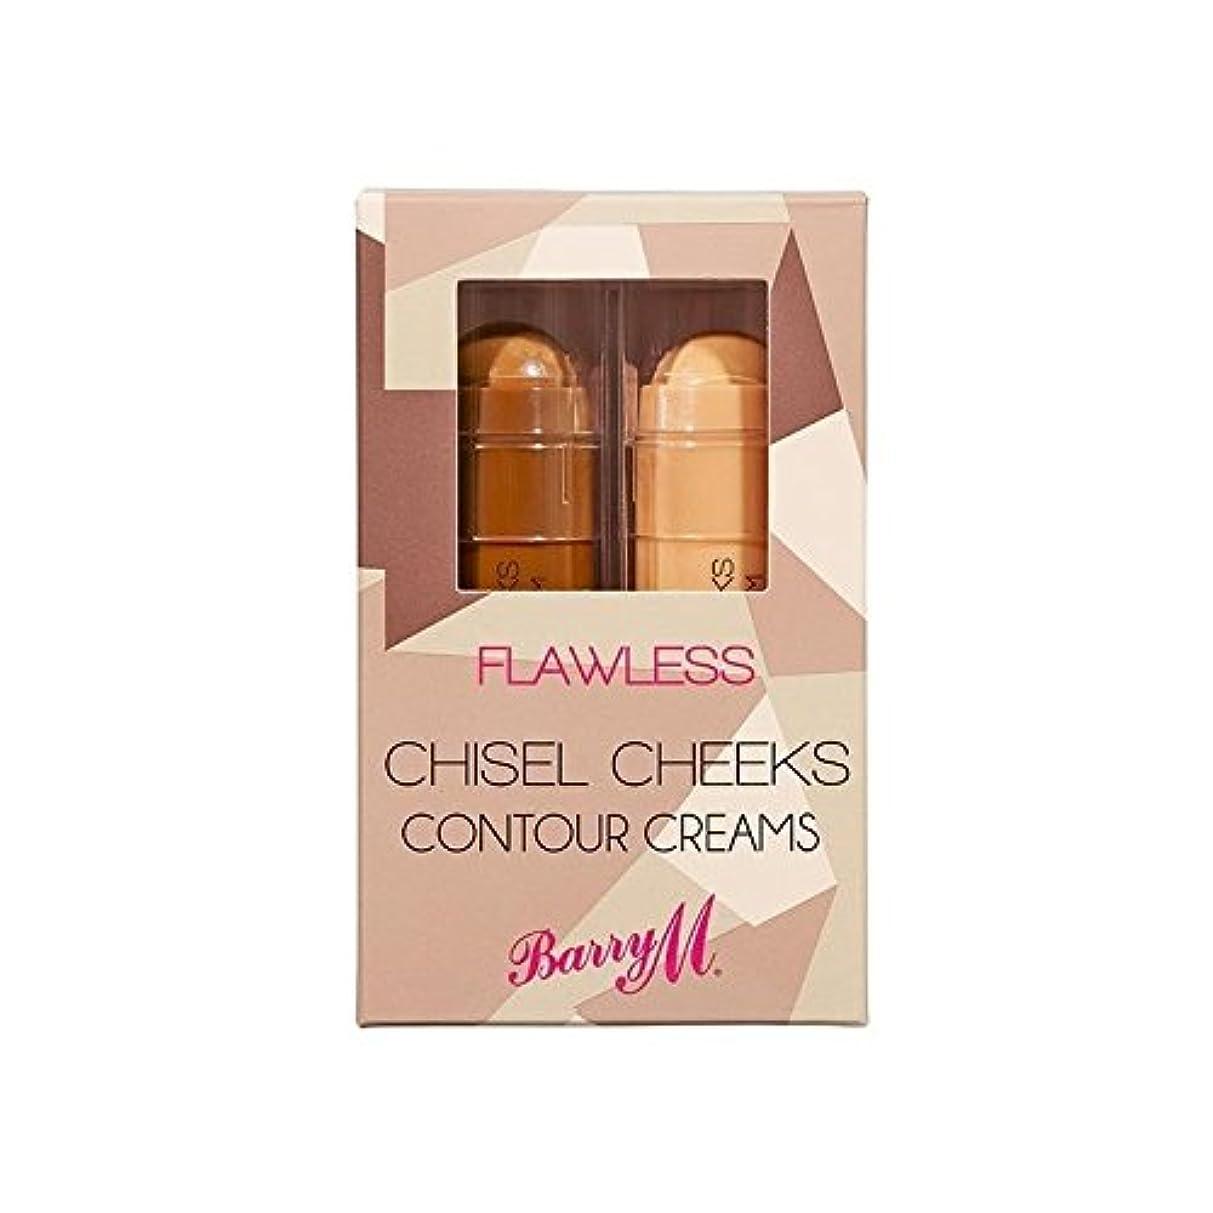 バンカー宿泊回答バリーメートルチゼル頬の輪郭クリーム x4 - Barry M Chisel Cheek Contour Creams (Pack of 4) [並行輸入品]